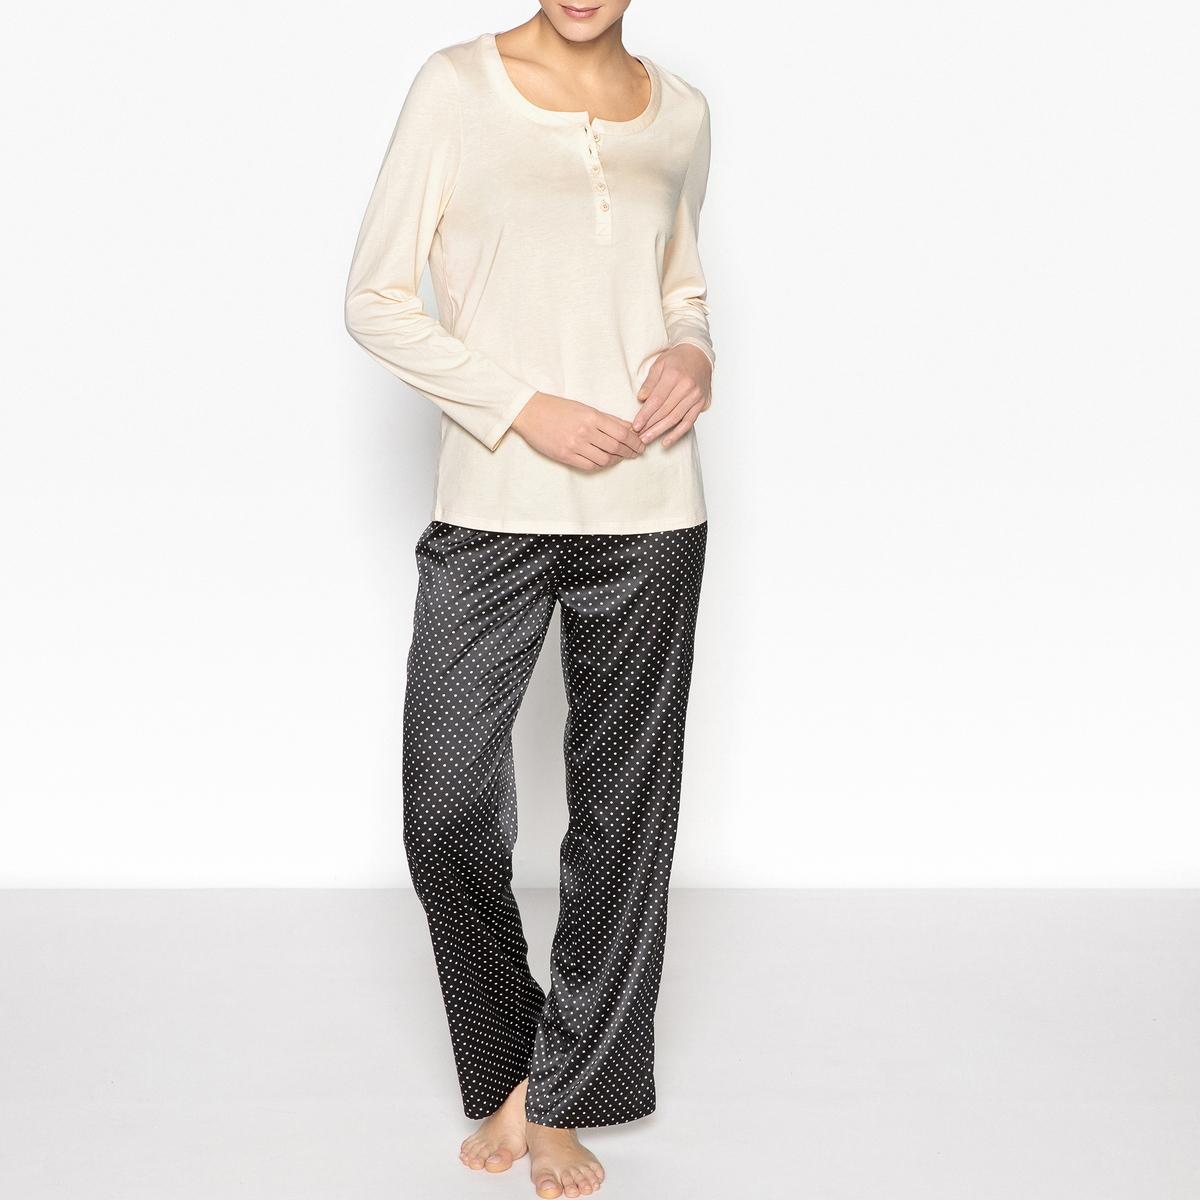 Пижама атласнаяОписание:Ультра мягкая пижама, которую можно носить вечером для отдыха или надеть для сна . Очень женственная модель с круглым вырезом с разрезом спереди.Детали •  Верх прямого покроя. •  Круглый вырез с разрезом . •  Длинные рукава. •  Брюки с эластичным поясом и затягиваемым шнурком •  Длина : верх 67 см, длина по внутр.шву 76 см .Состав и уход •  Материал : низа 96% полиэстера и 4% эластана, верха 50% хлопка и 50% модала •  Стирать при температуре 30° на деликатном режиме с вещами схожих цветов. •  Стирать и гладить с изнанки при низкой температуре. •  Машинная сушка запрещена.<br><br>Цвет: черный/ бежевый<br>Размер: 50 (FR) - 56 (RUS).48 (FR) - 54 (RUS).46 (FR) - 52 (RUS).42 (FR) - 48 (RUS).38 (FR) - 44 (RUS)